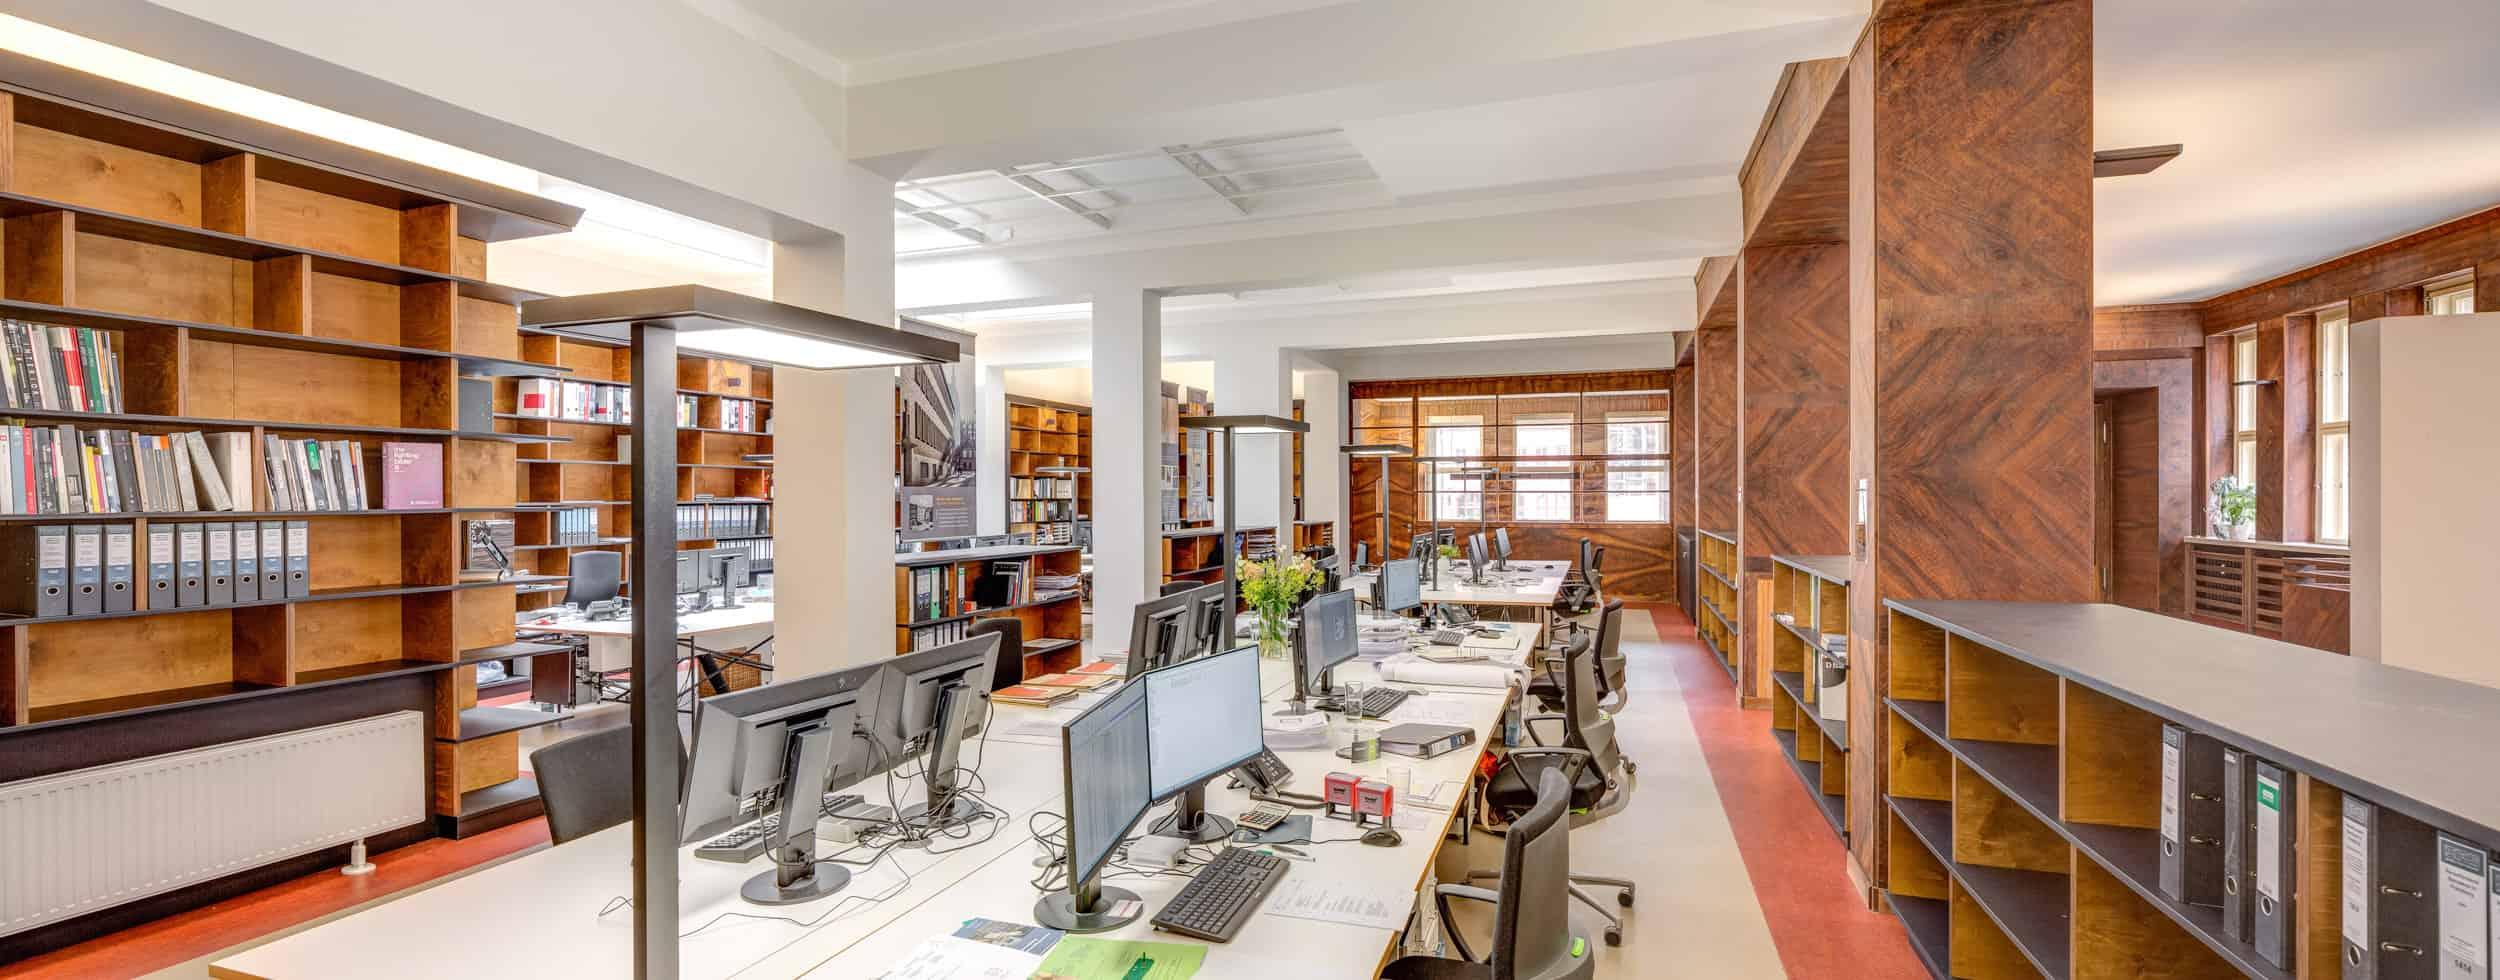 Ihre Karriere bei GMW als Architekt*in oder Ingenier*in in Stralsund